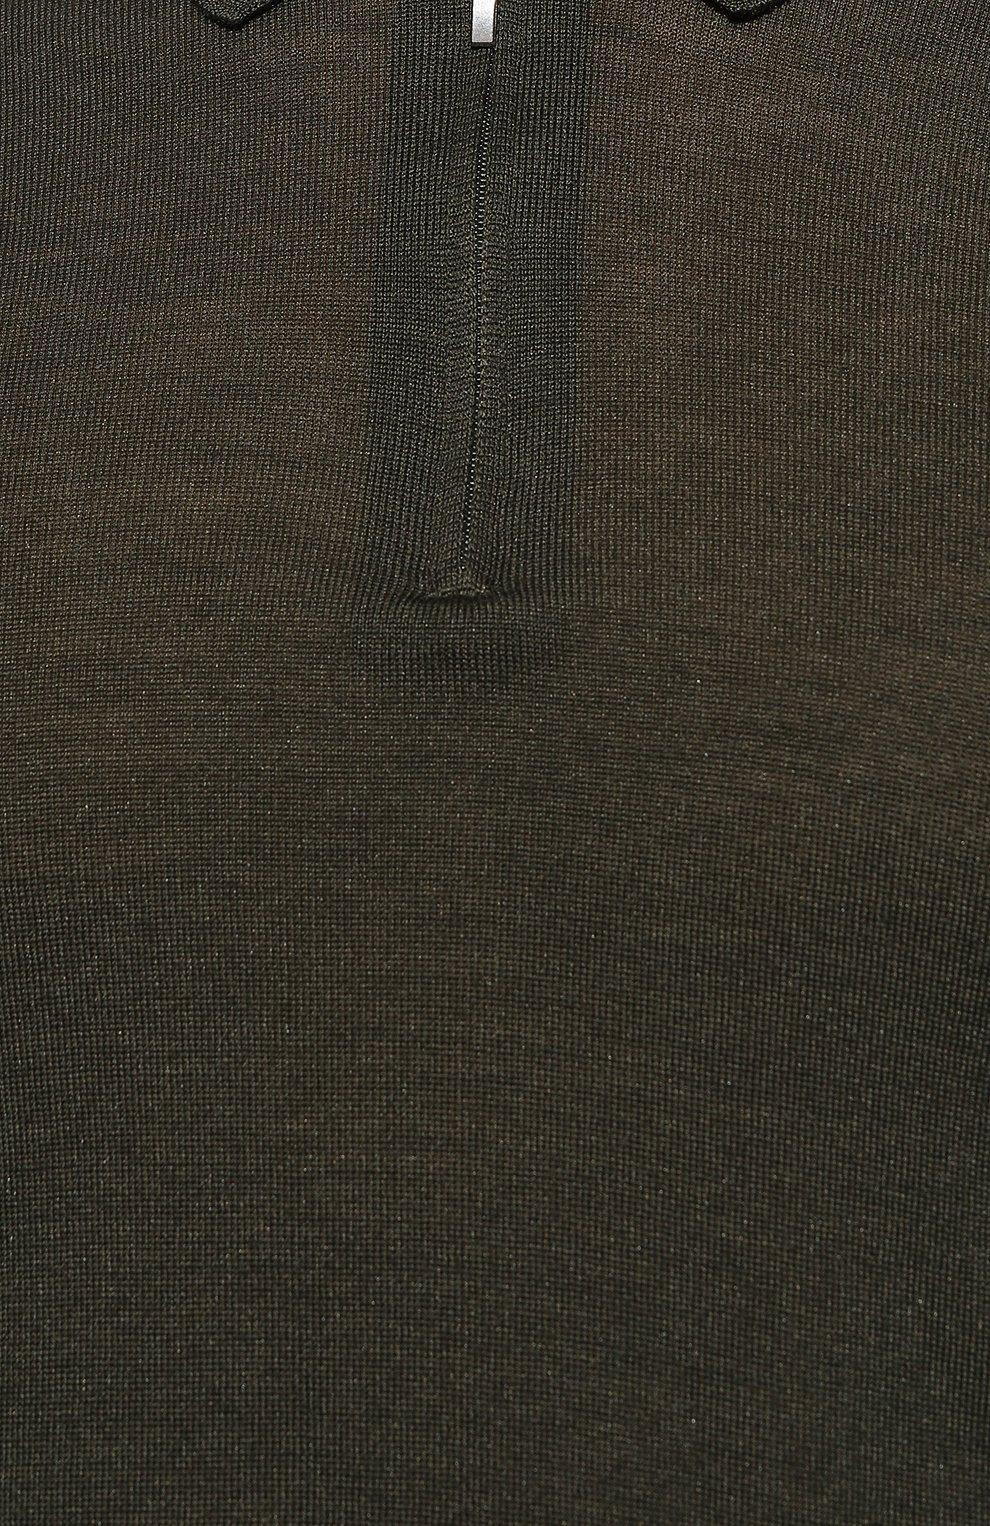 Мужское поло из шерсти и шелка GRAN SASSO темно-зеленого цвета, арт. 57137/13190   Фото 5 (Материал внешний: Шерсть, Шелк; Застежка: Молния; Рукава: Длинные; Длина (для топов): Стандартные; Кросс-КТ: Трикотаж)